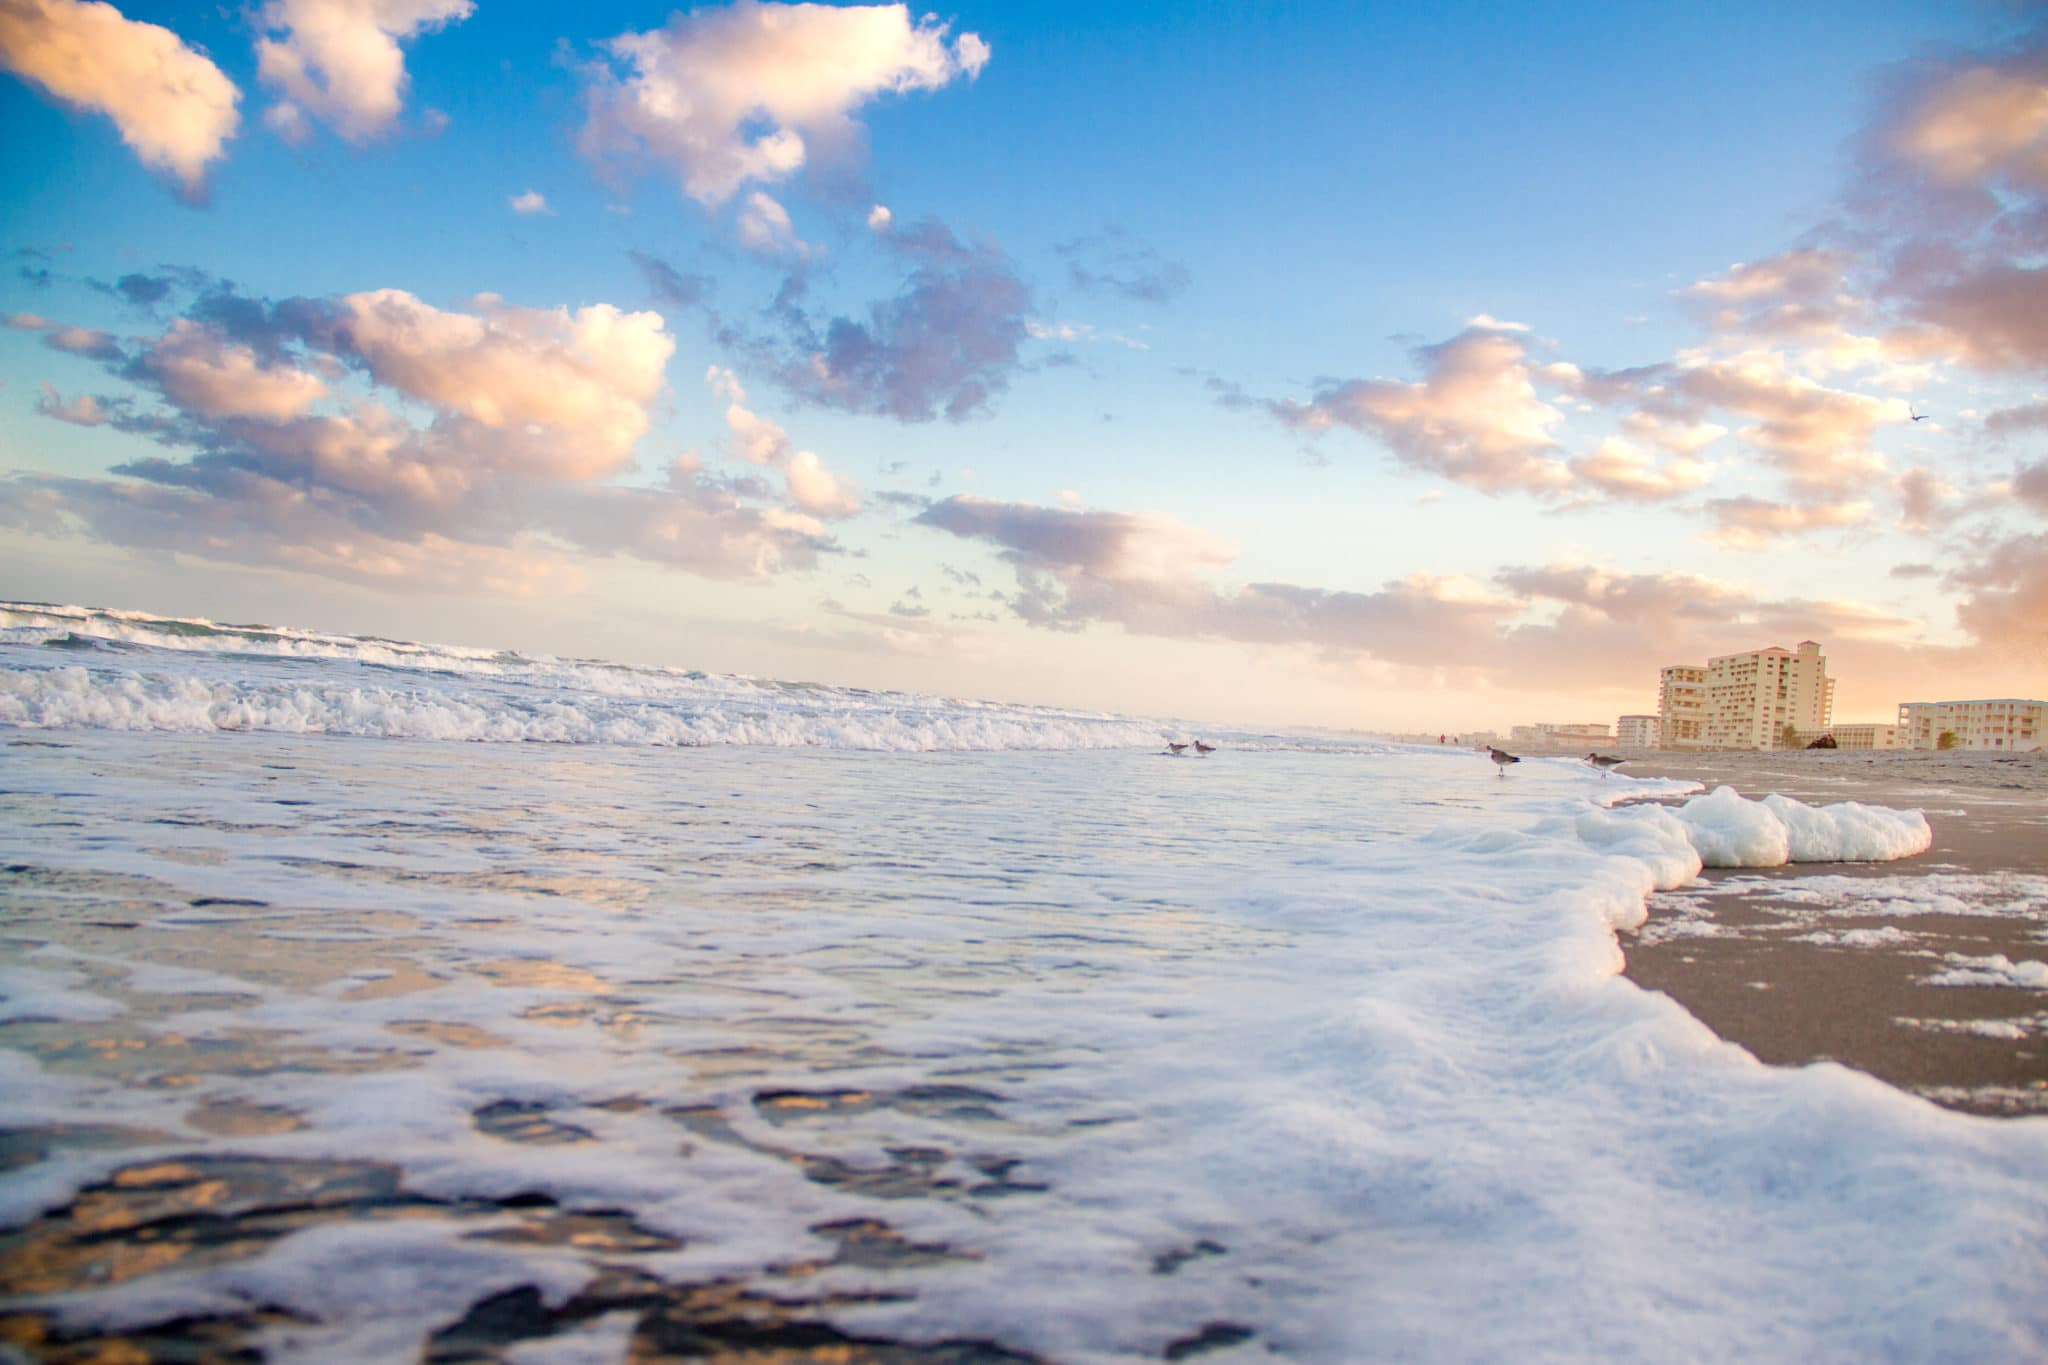 Lori Wilson Park beach in Cocoa Beach by a photographer in Cocoa Beach